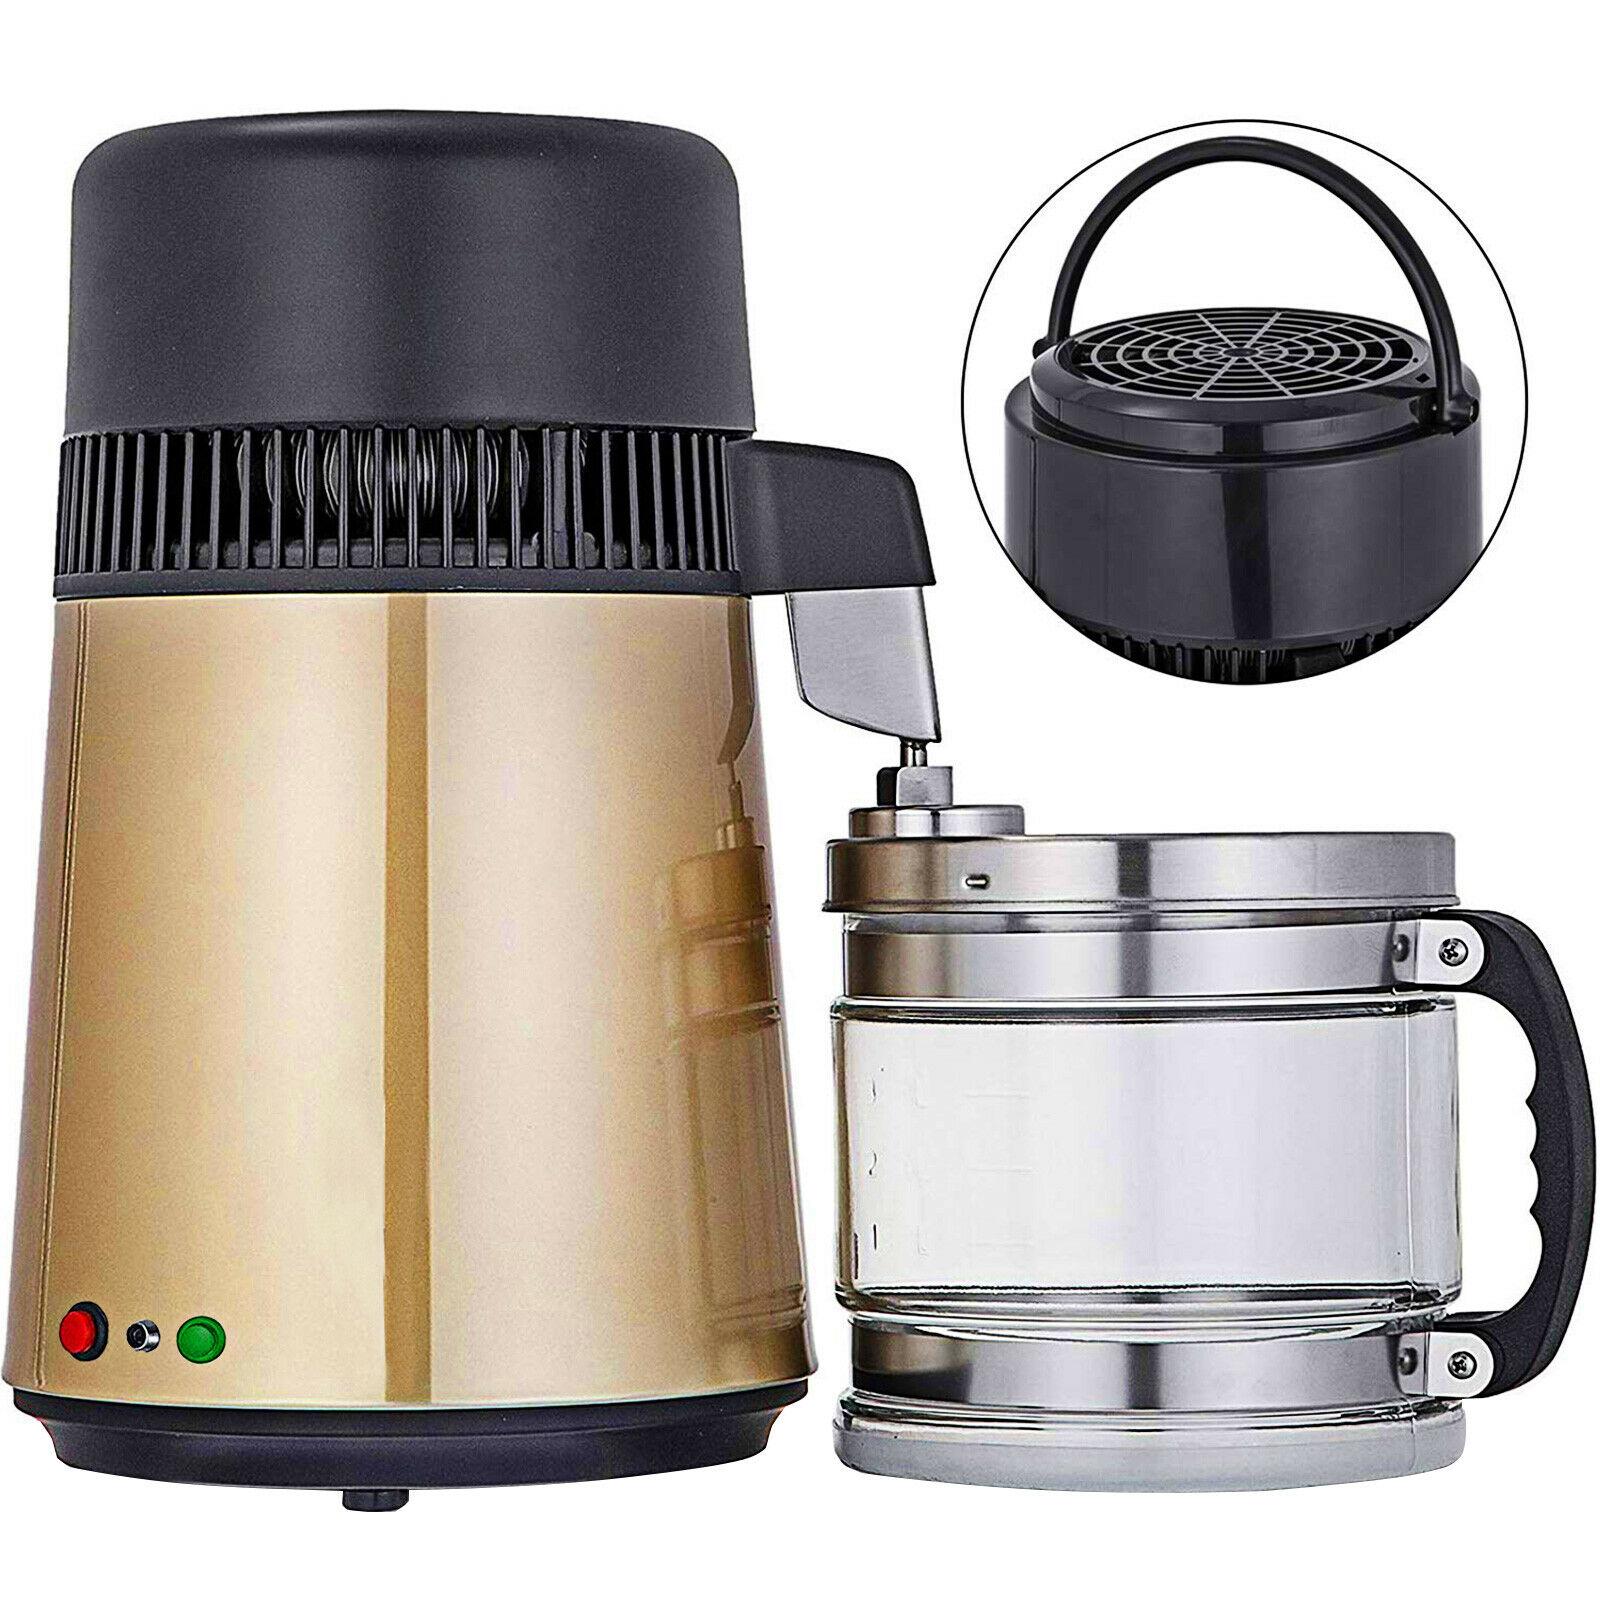 جهاز تقطير المياه 1.1 جالون/4 لتر ، جهاز تنقية مياه من الفولاذ المقاوم للصدأ ، سطح تقطير 750 وات مع زجاجة توصيل